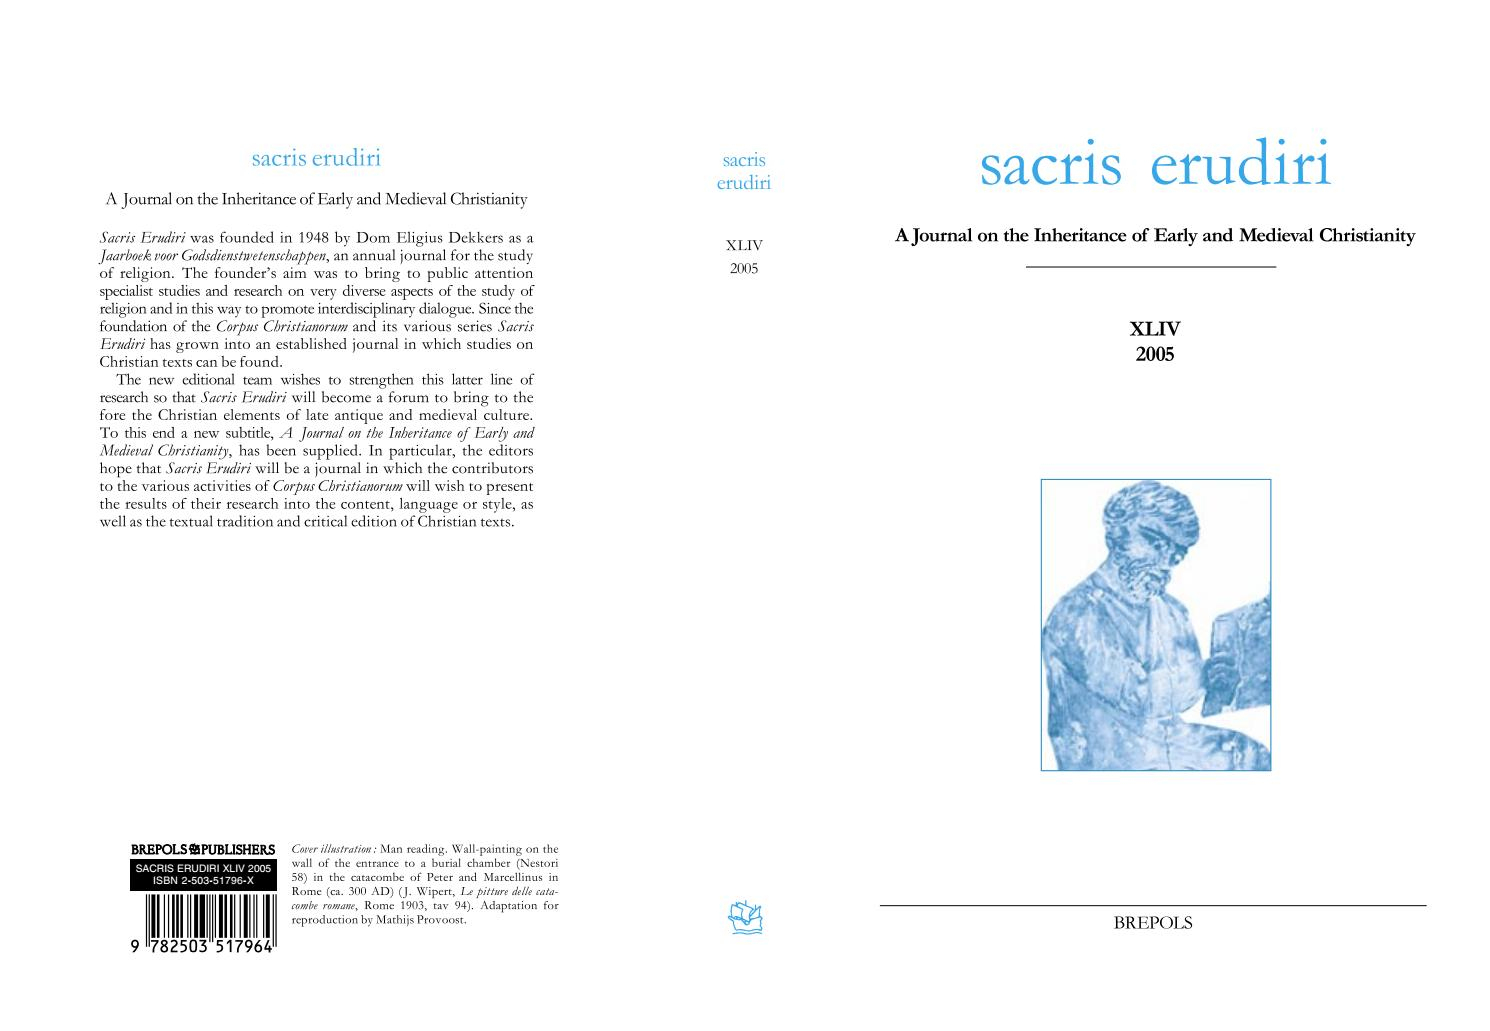 Sacris Erudiri Volume 44 2005 By Mediaevii Studiosus - Issuu dedans Argent Factice À Imprimer